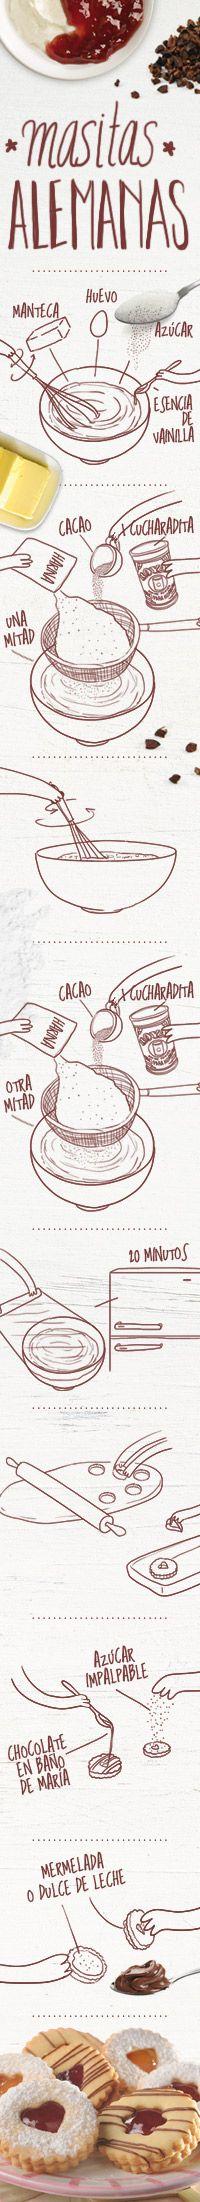 Ingredientes  Para la masa  150 g de manteca  ½ taza de azúcar  1 huevo  1 cdta. de esencia de vainilla  2 tazas de harina  1 cdta. de Polvo Royal  Para rellenar y decorar  100 g de chocolate cobertura  ¾ taza de azúcar  impalpable  150 g de dulce de leche  20 cdtas. de mermelada  de frutilla  20 cdtas. de mermelada  de durazno